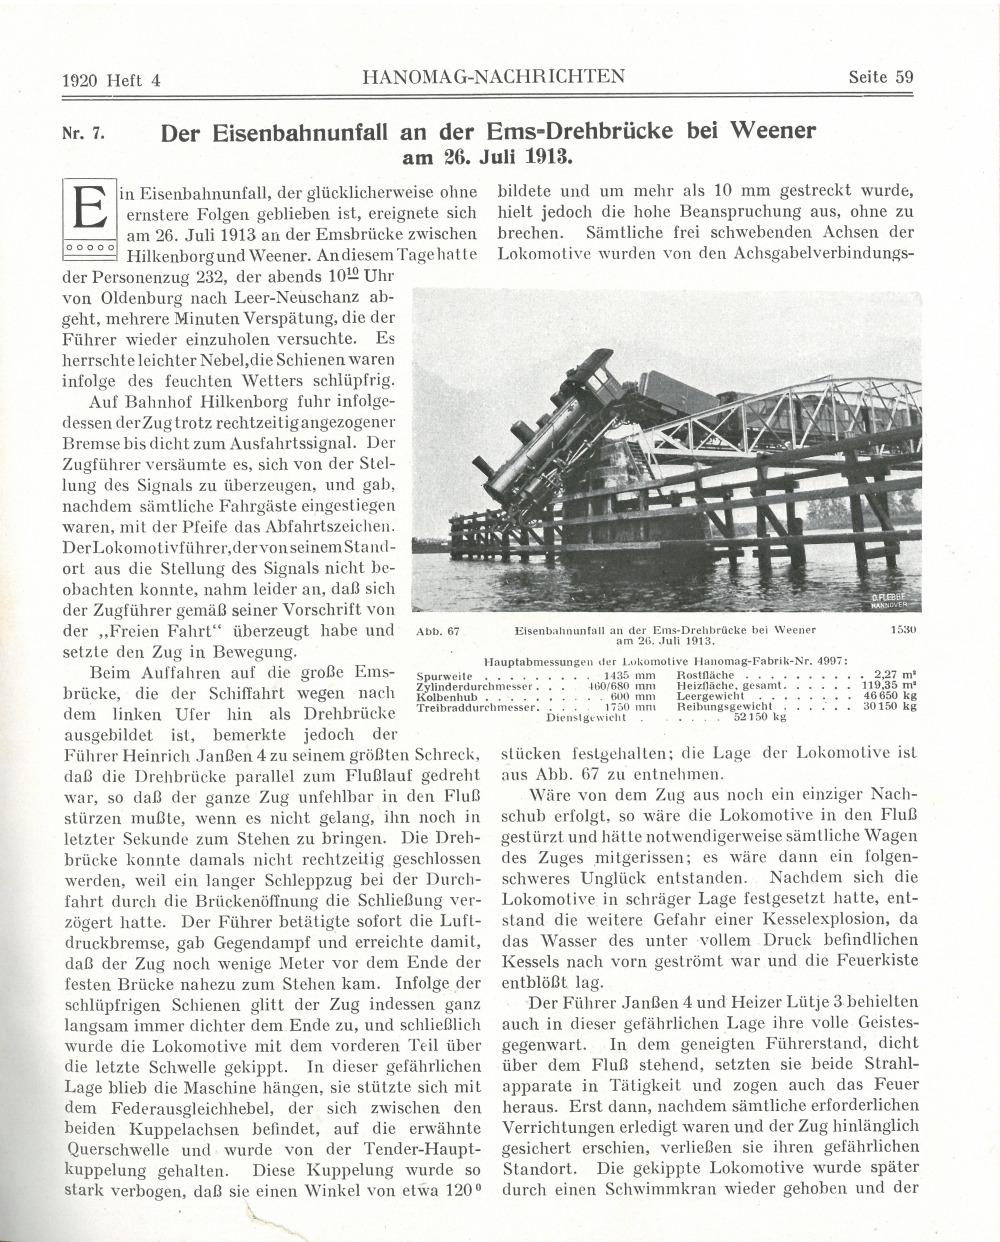 Der Eisenbahnunfall auf der Ems-Drehbrücke bei Weener - Seite 1